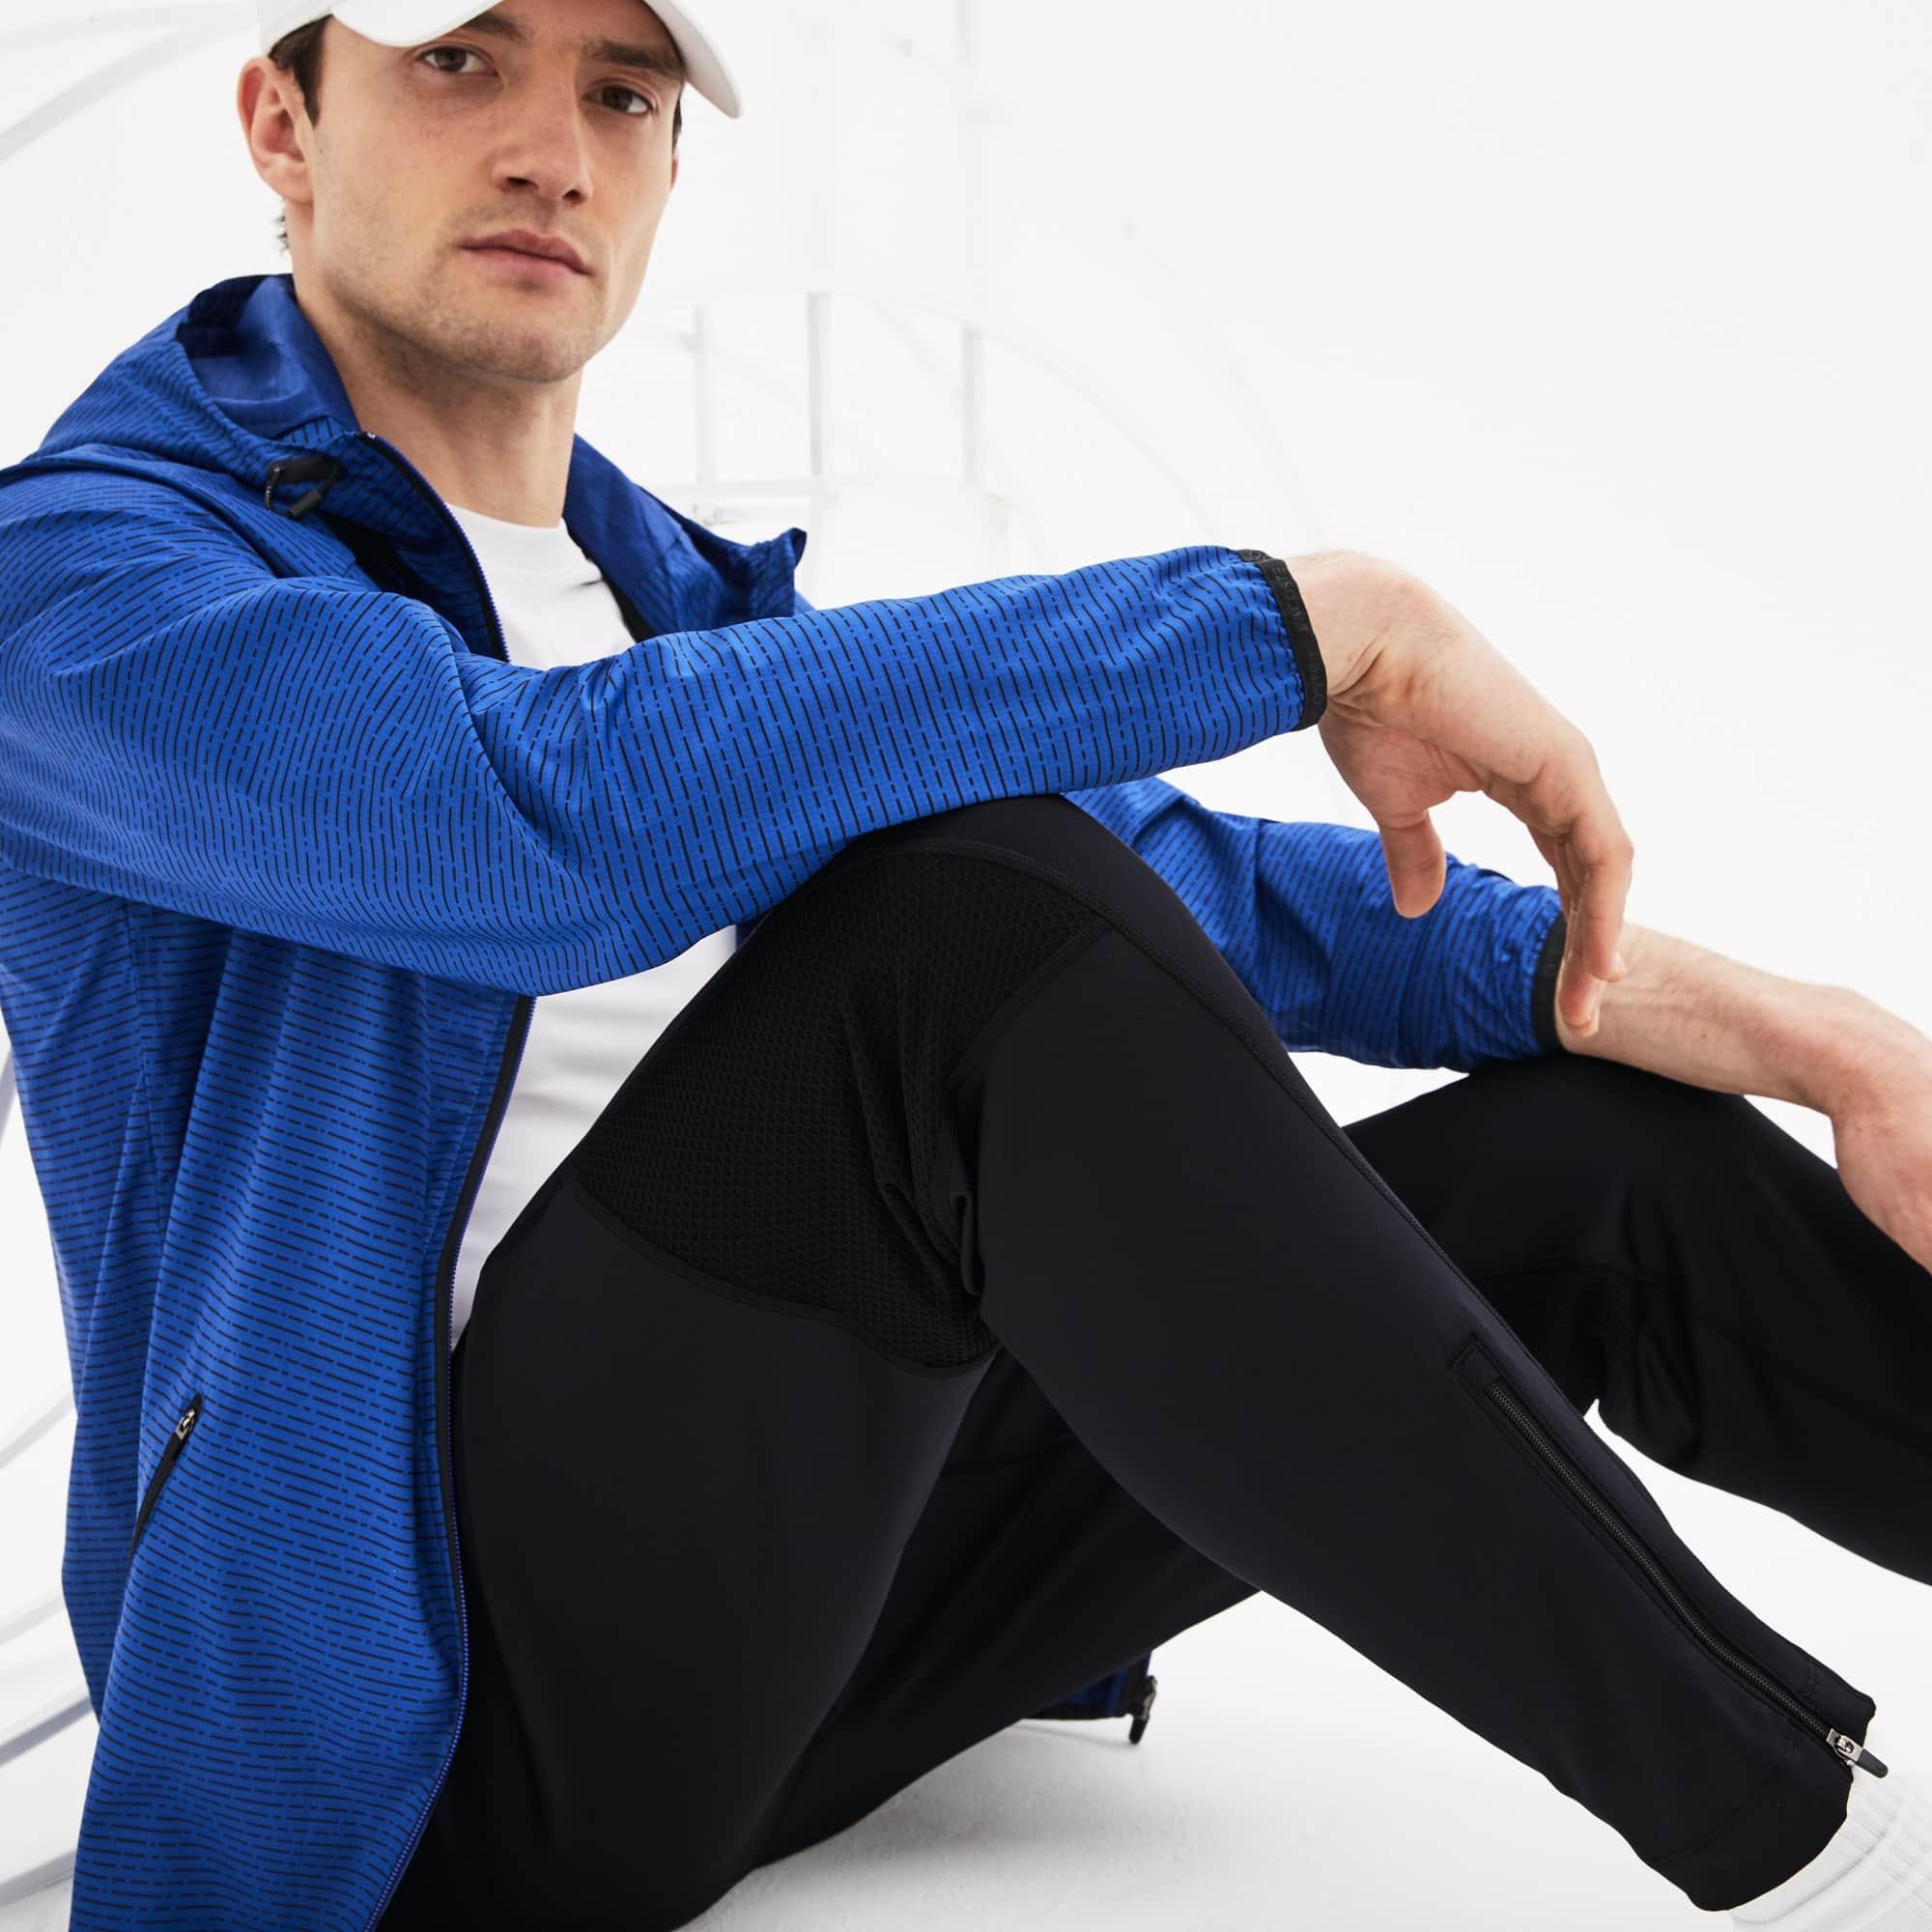 455f9be83a Pantalon de survêtement Tennis Lacoste SPORT en jersey technique ultra dry